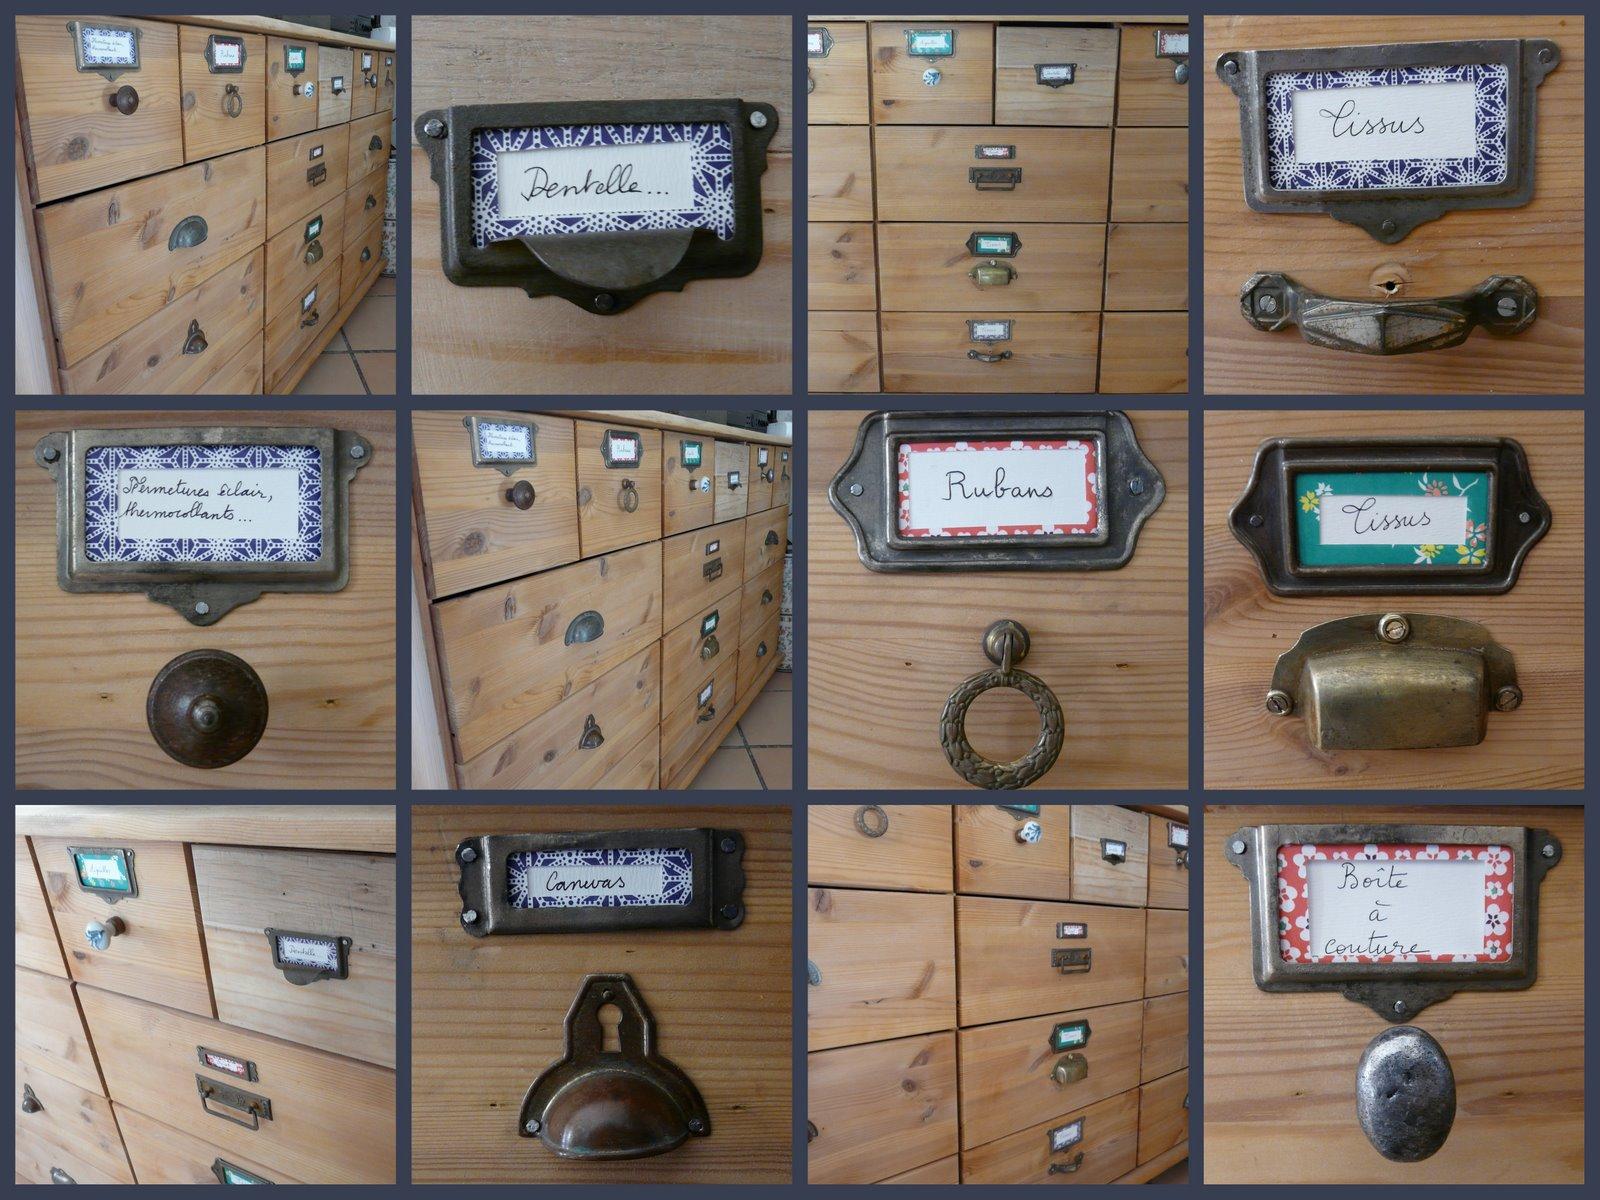 L 39 atelier de kiku meuble de m tier pour l 39 atelier for Meuble de metier brocante